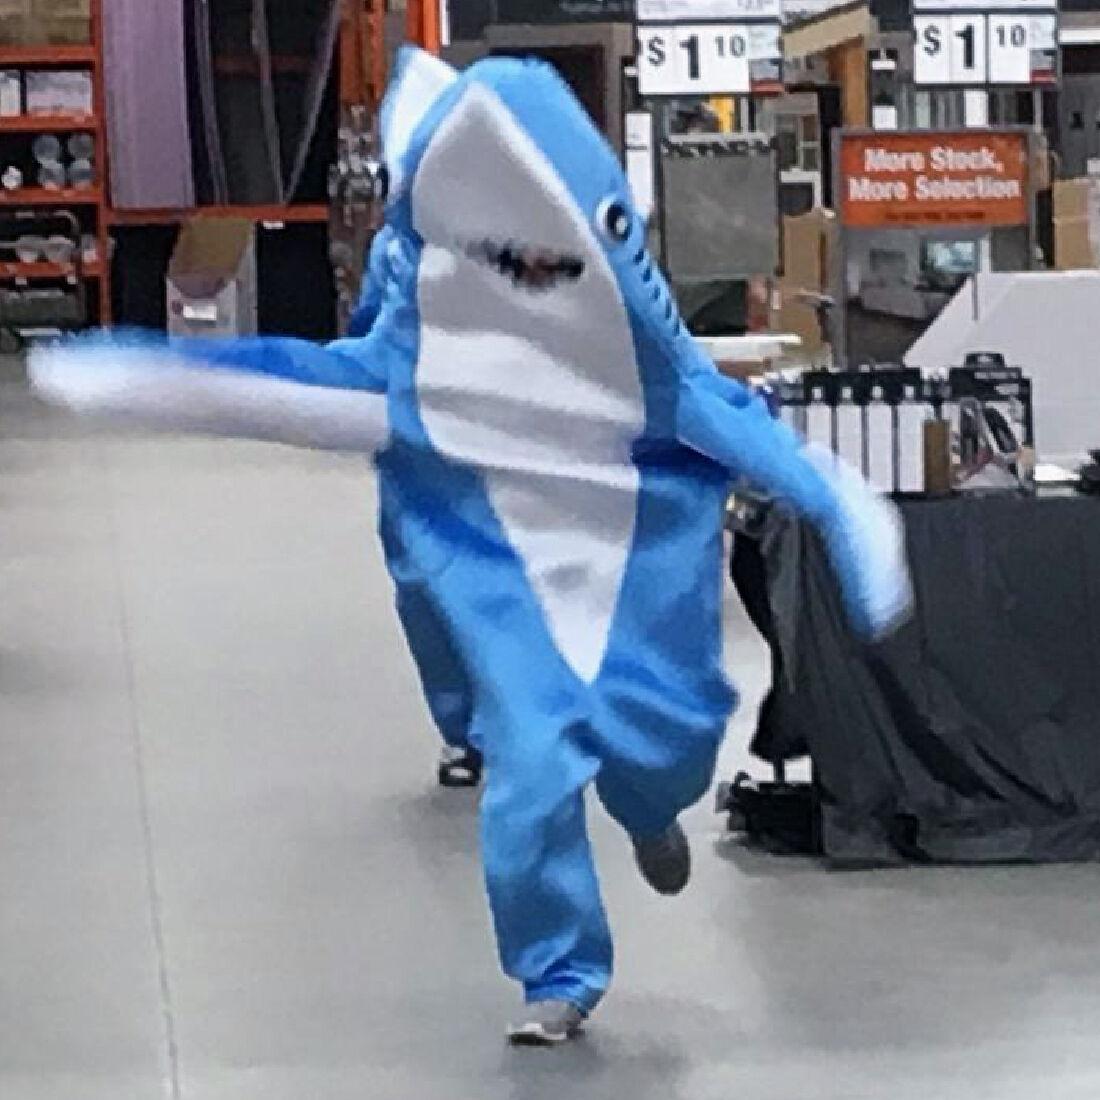 Nouvelle baleine requin mascotte Costume Cosplay adulte taille combinaison Halloween fête robe anniversaire dessin animé personnage mascotte Costume cadeau